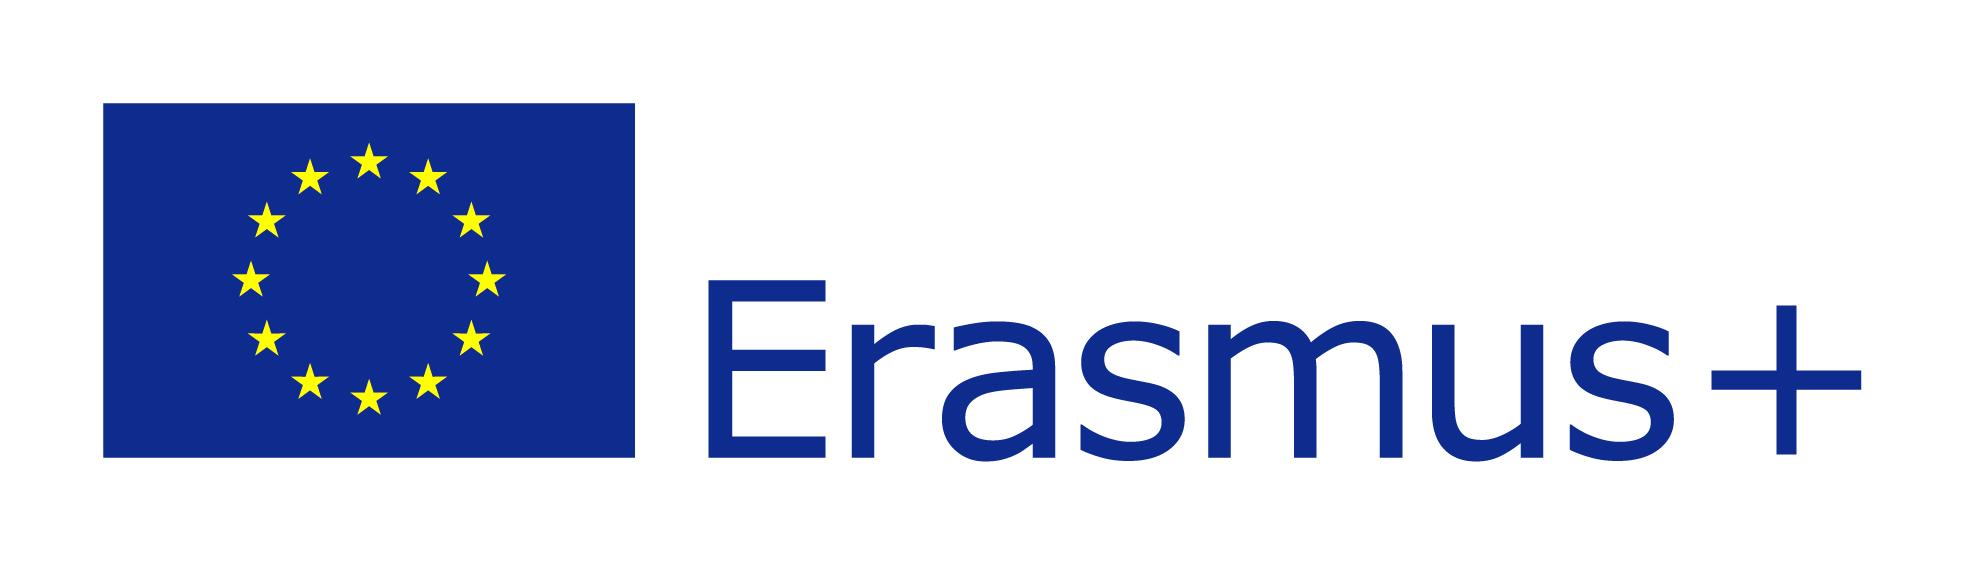 Erasmus + EU